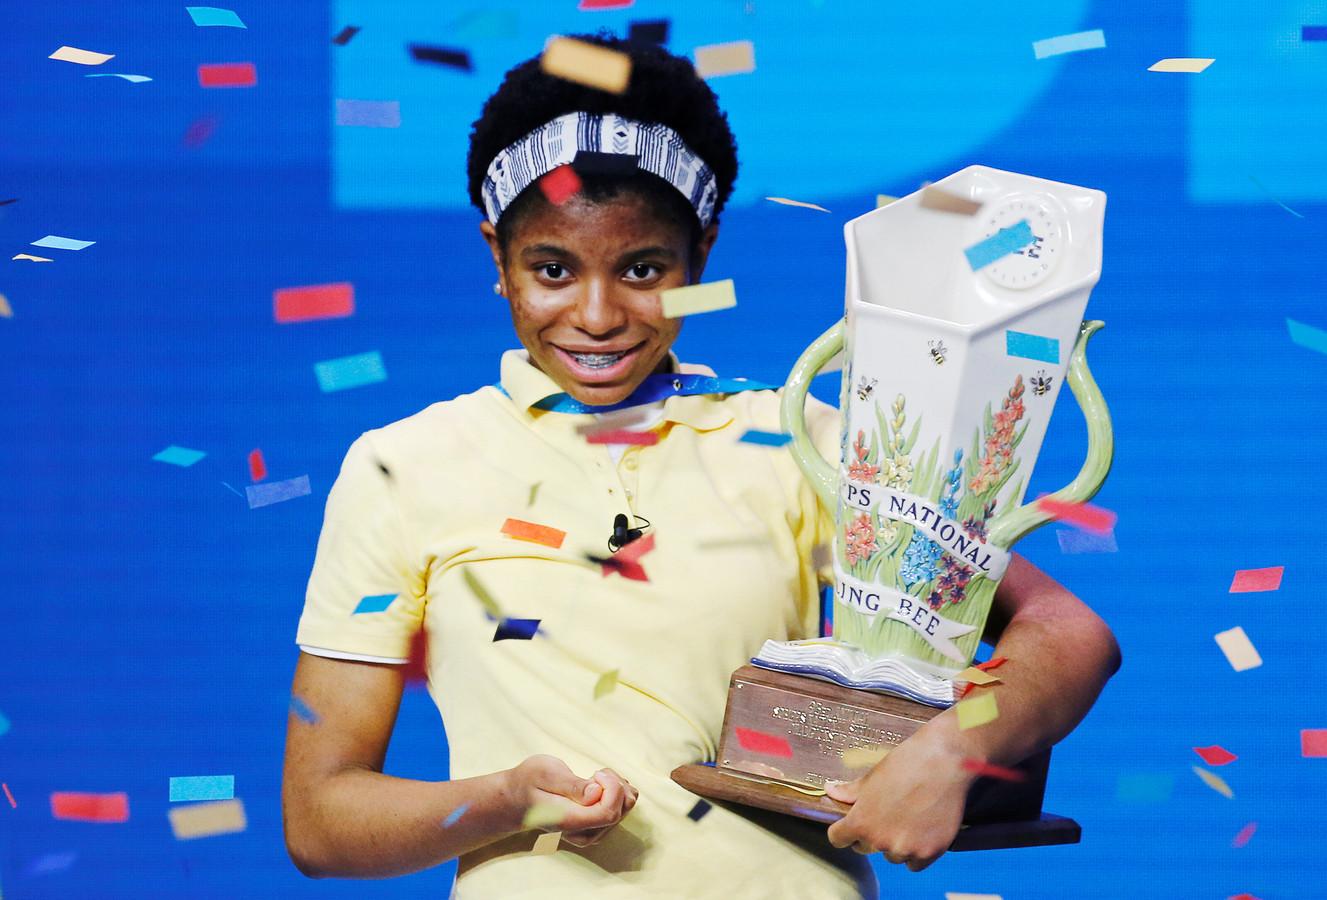 Zaila nam de trofee trots in ontvangst.